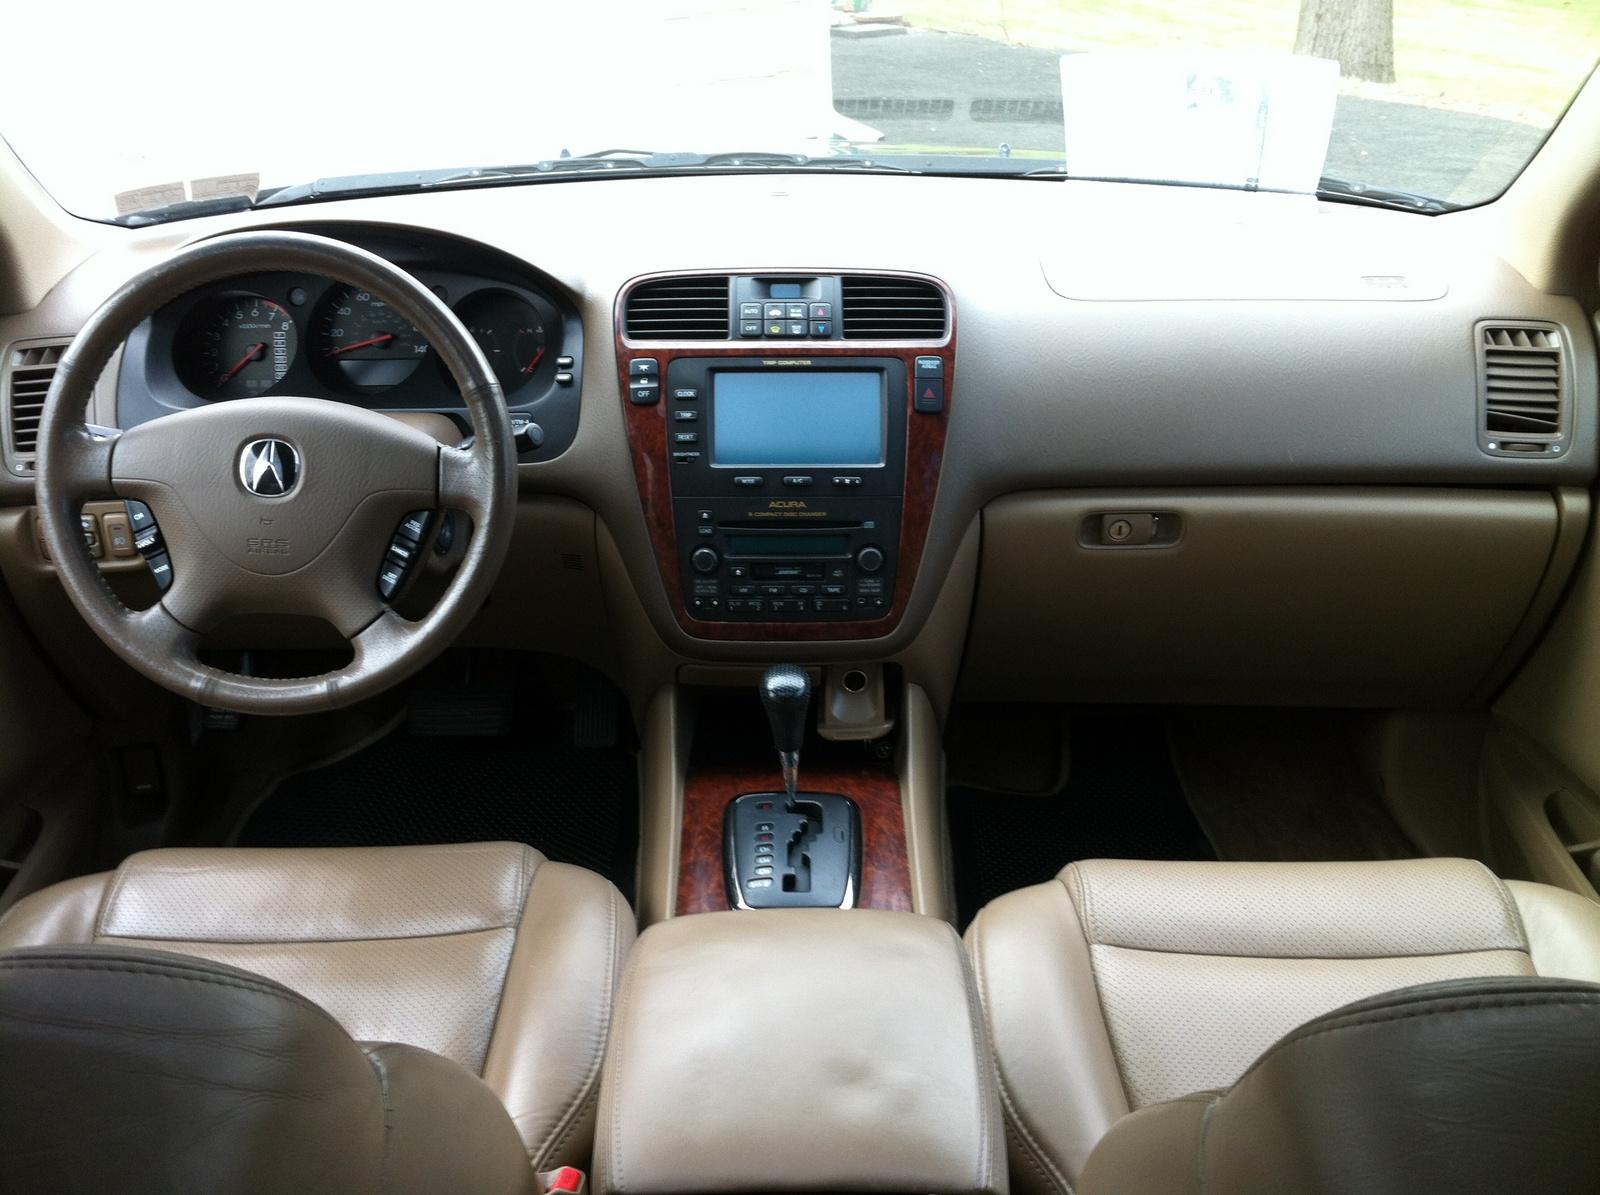 2001 Acura Mdx Interior >> 2003 Acura MDX - Interior Pictures - CarGurus